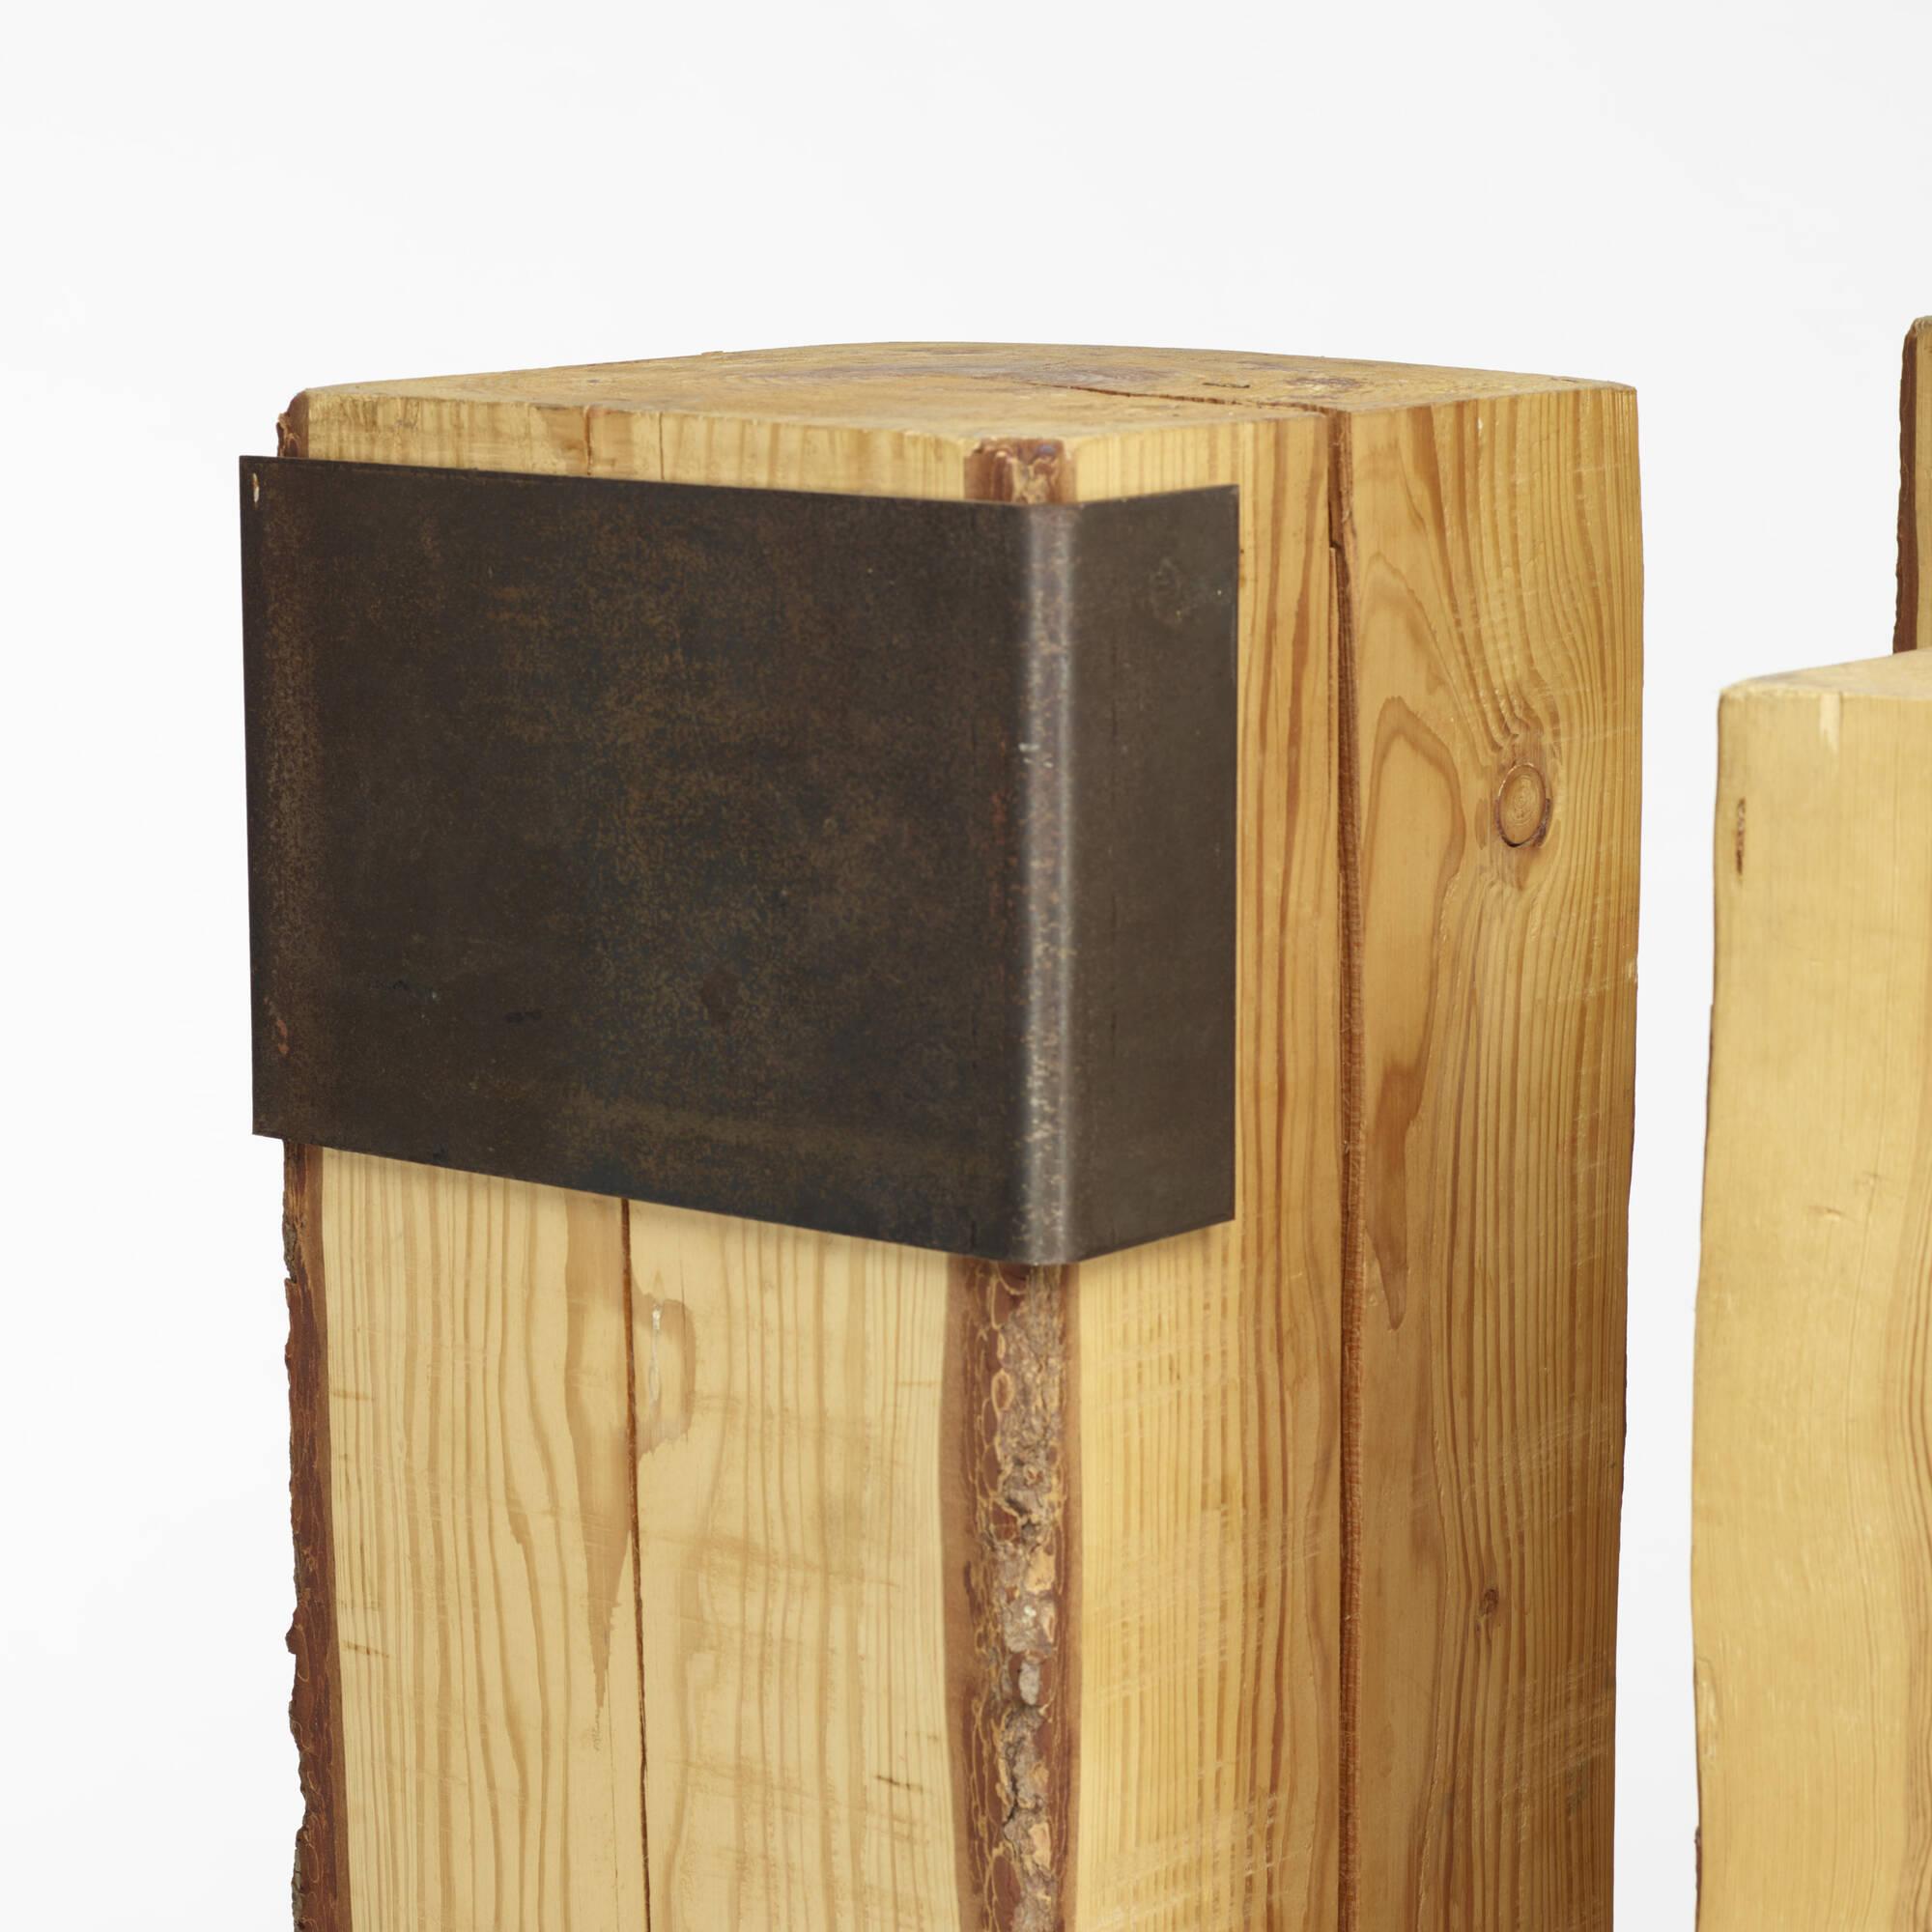 123: Elizabeth Garouste and Mattia Bonetti / pedestals, set of four (3 of 3)